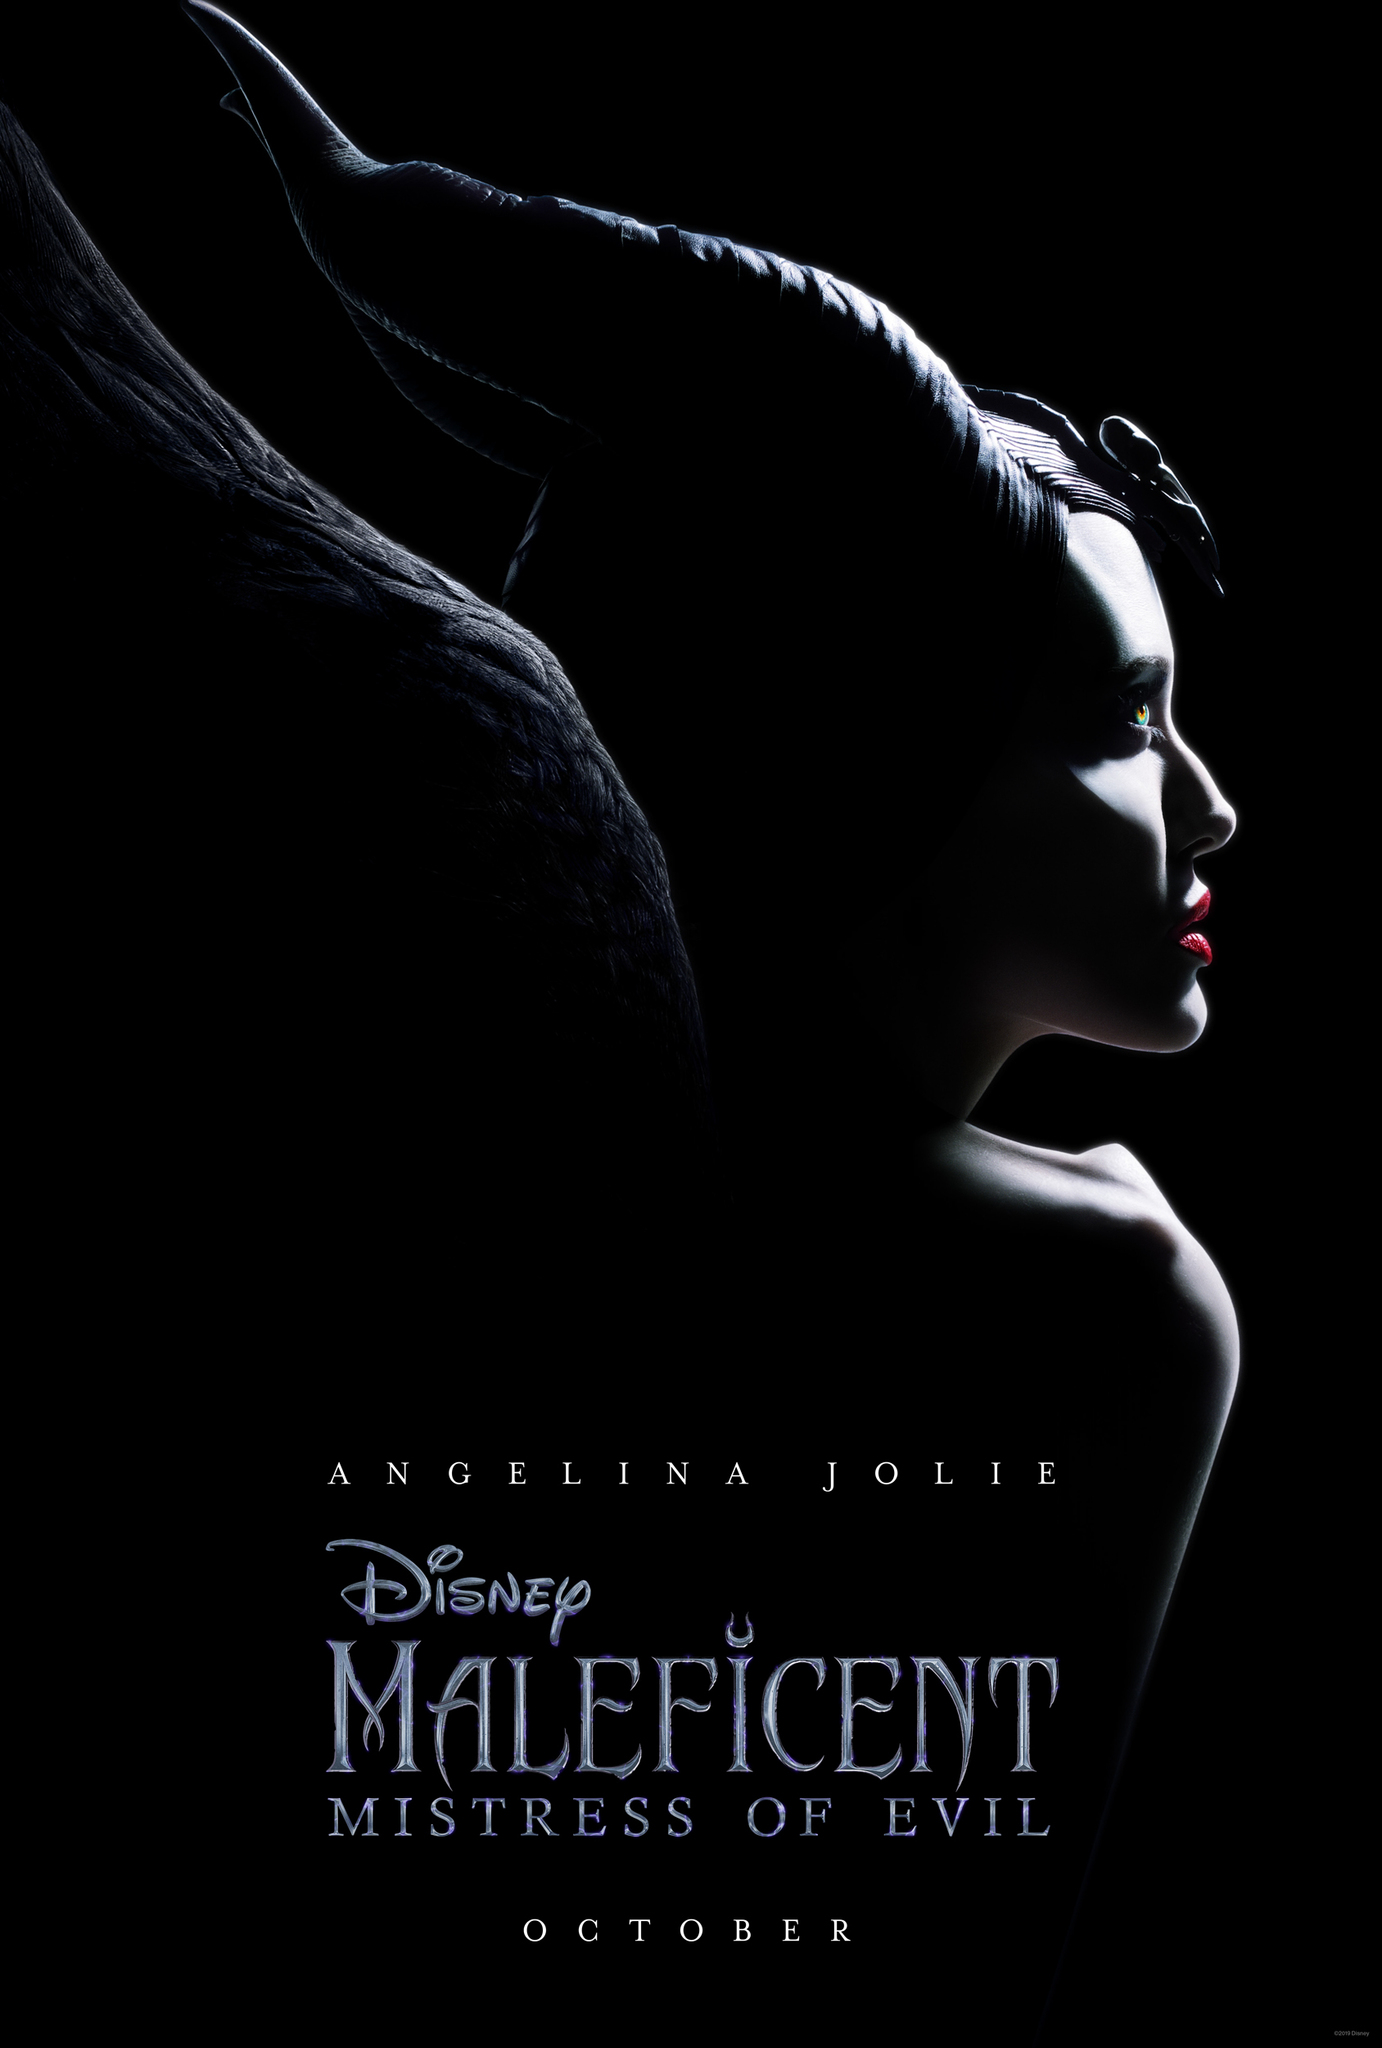 <말레피센트 : 미스트리스 오브 이블> 공식 포스터